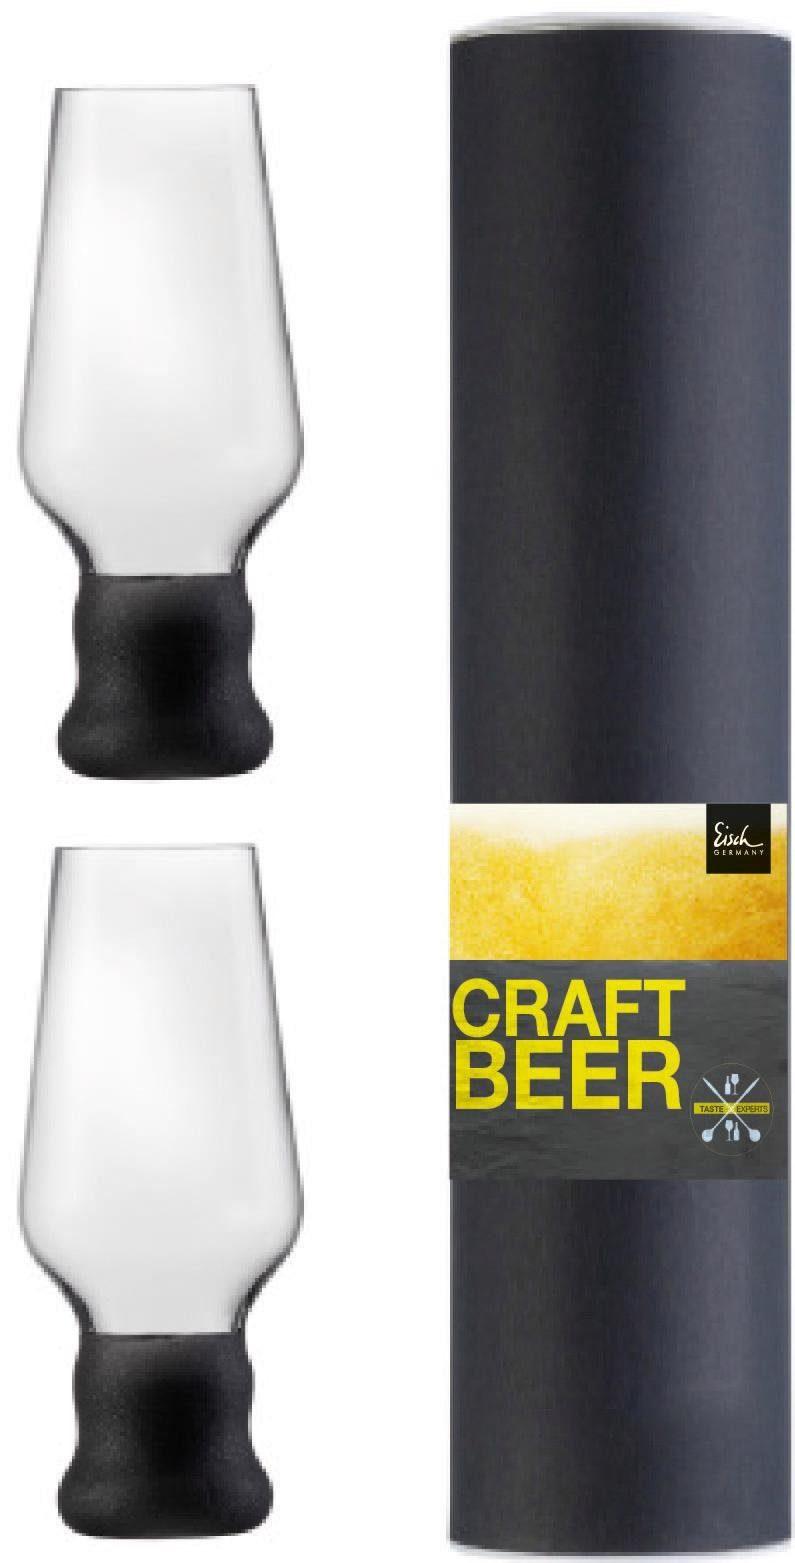 Eisch Bierglas Craft Beer Becher, (Set, 2 tlg.), bleifreies Kristallglas, 450 ml farblos Kristallgläser Gläser Glaswaren Haushaltswaren